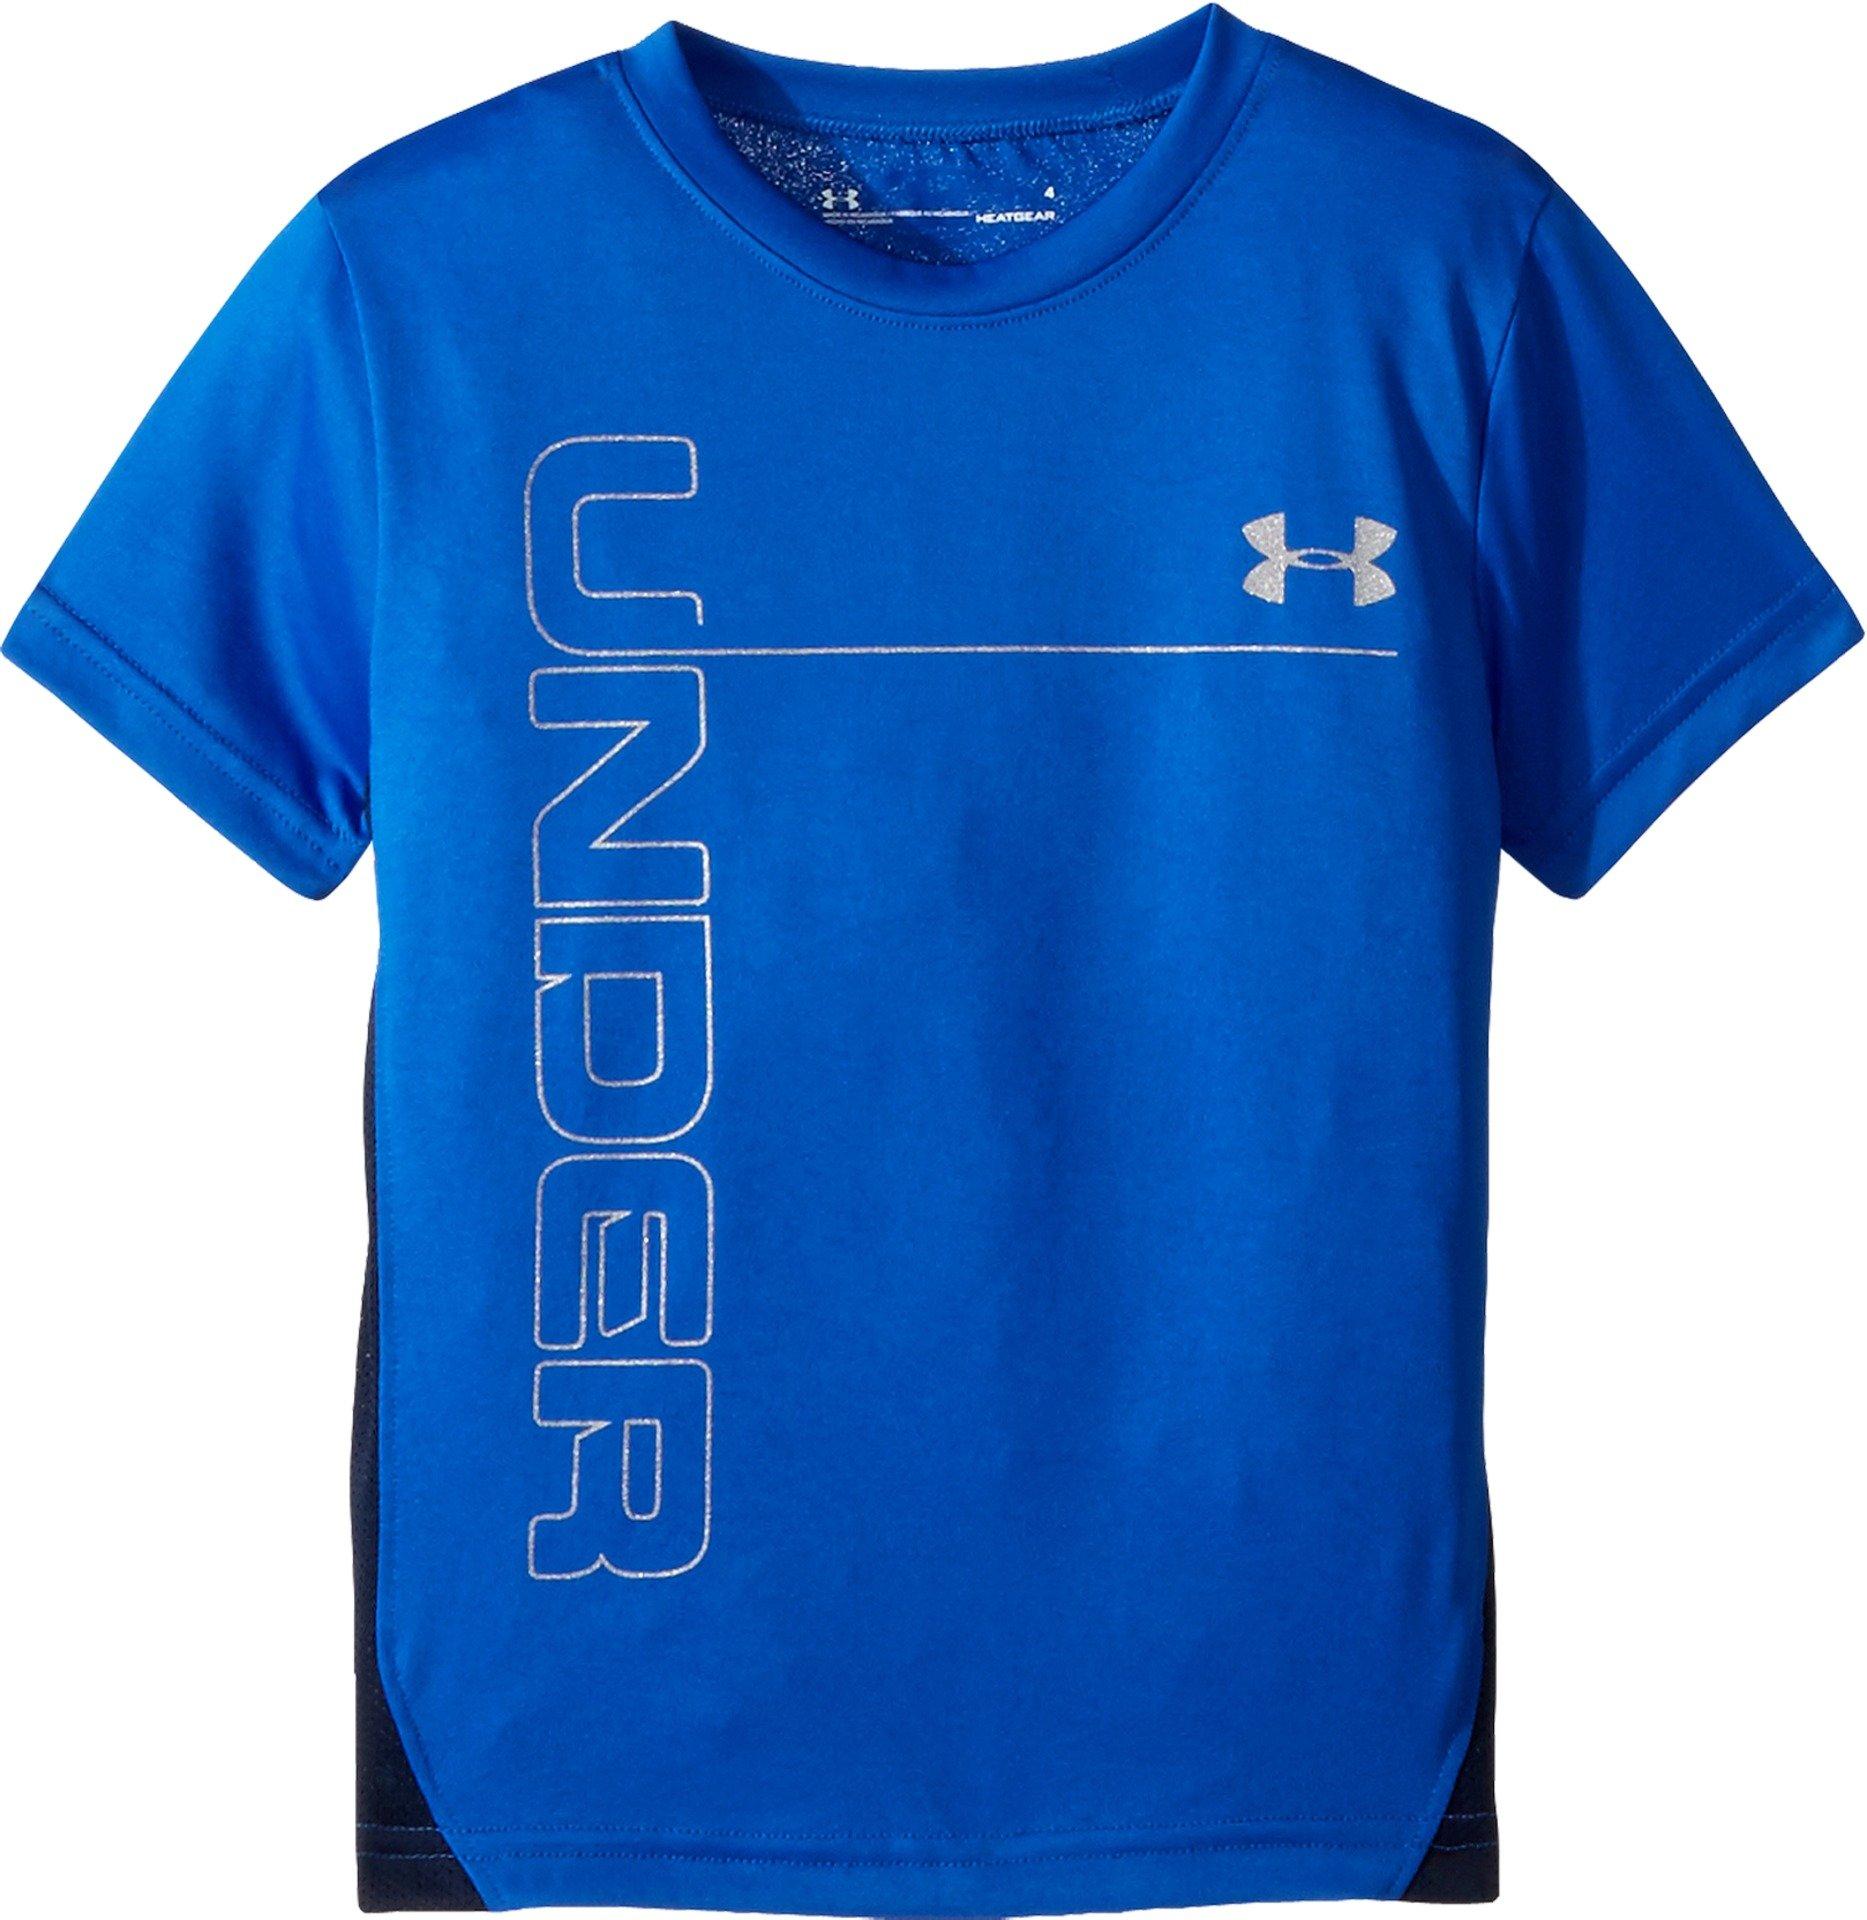 Under Armour Little Boys' Mesh Ua Tech Short Sleeve T-Shirt, Ultra Blue, 7